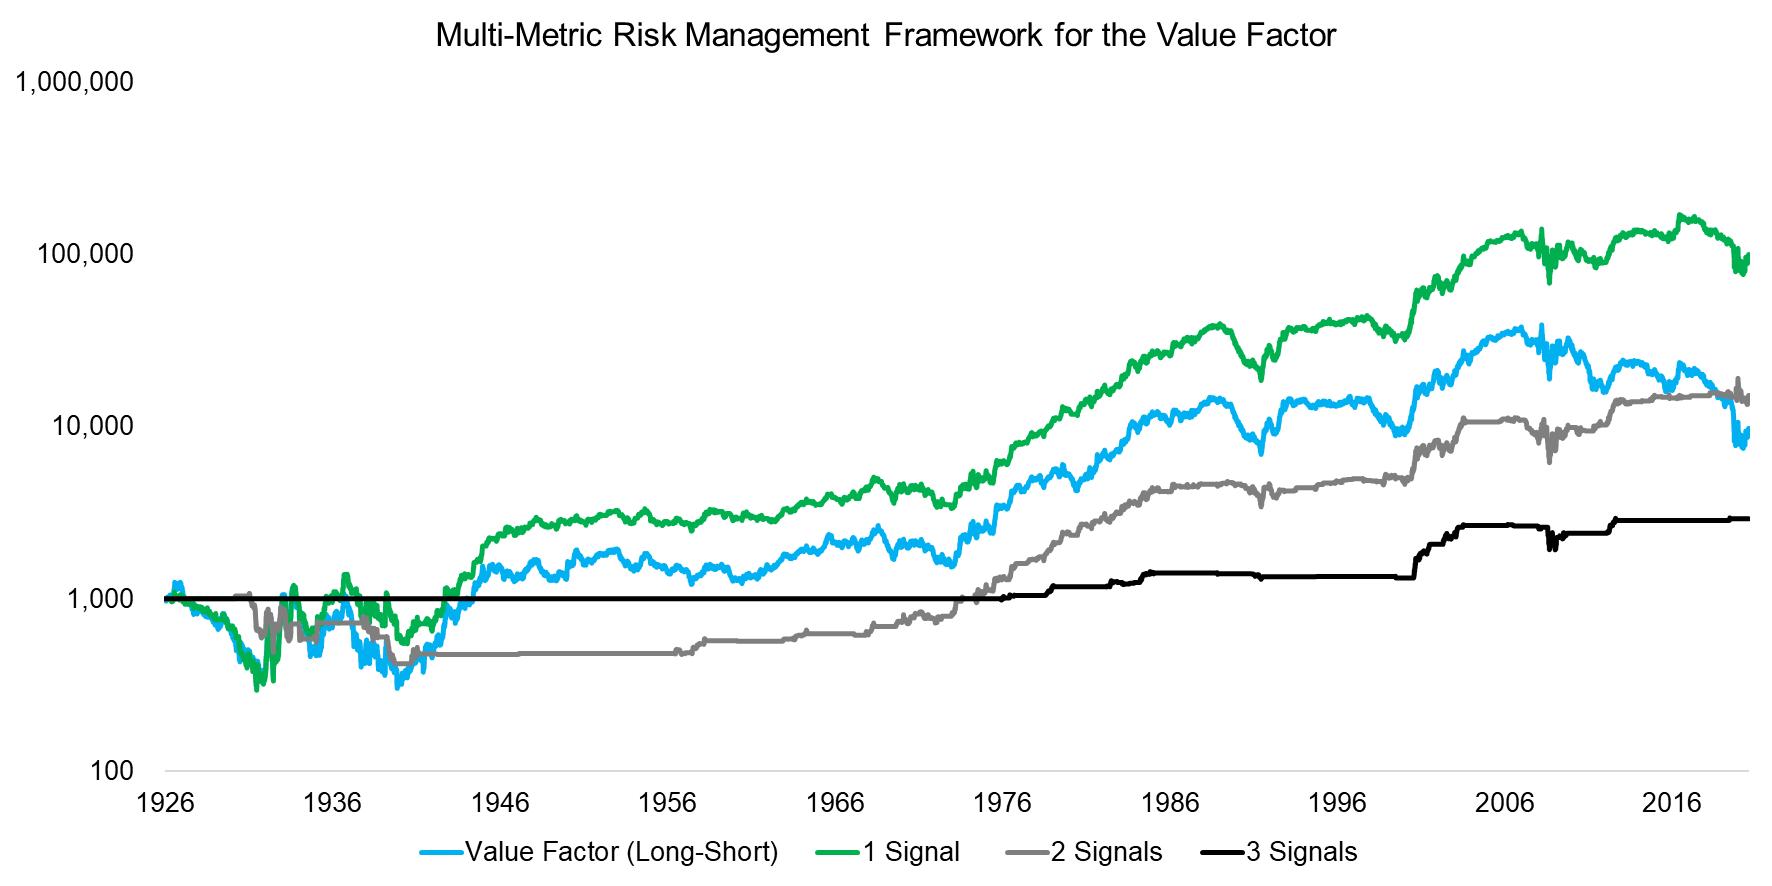 Multi-Metric Risk Management Framework for the Value Factor